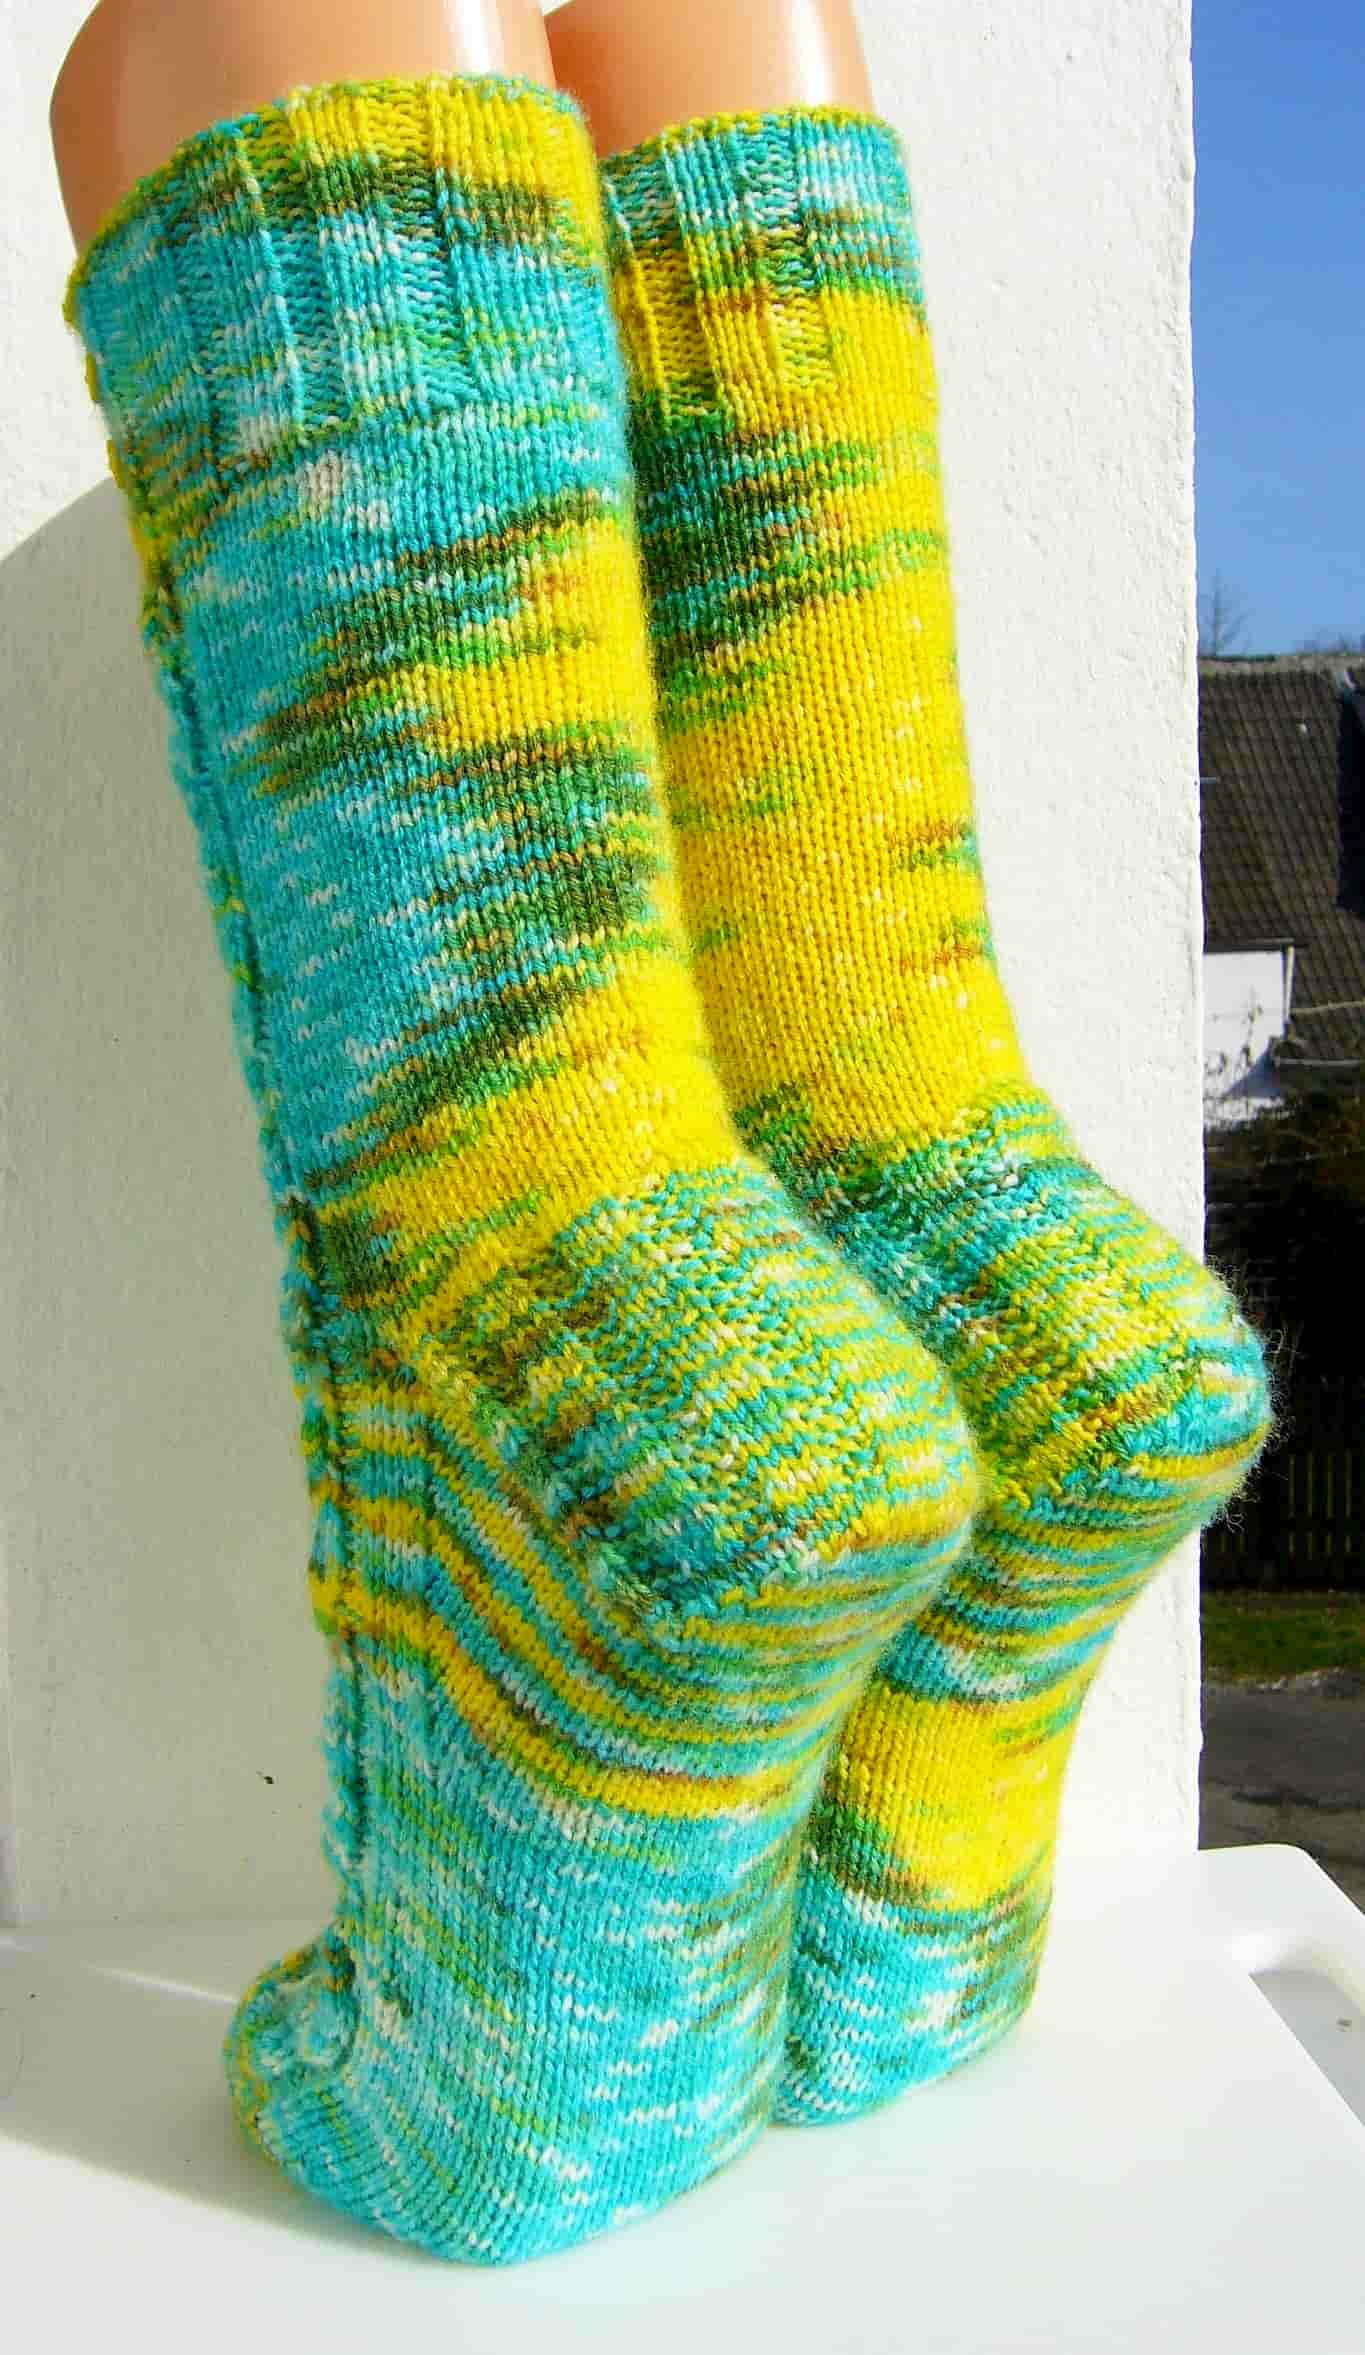 """""""Verwirrung"""" hintere Ansicht der Socken mit Farbwilderung"""